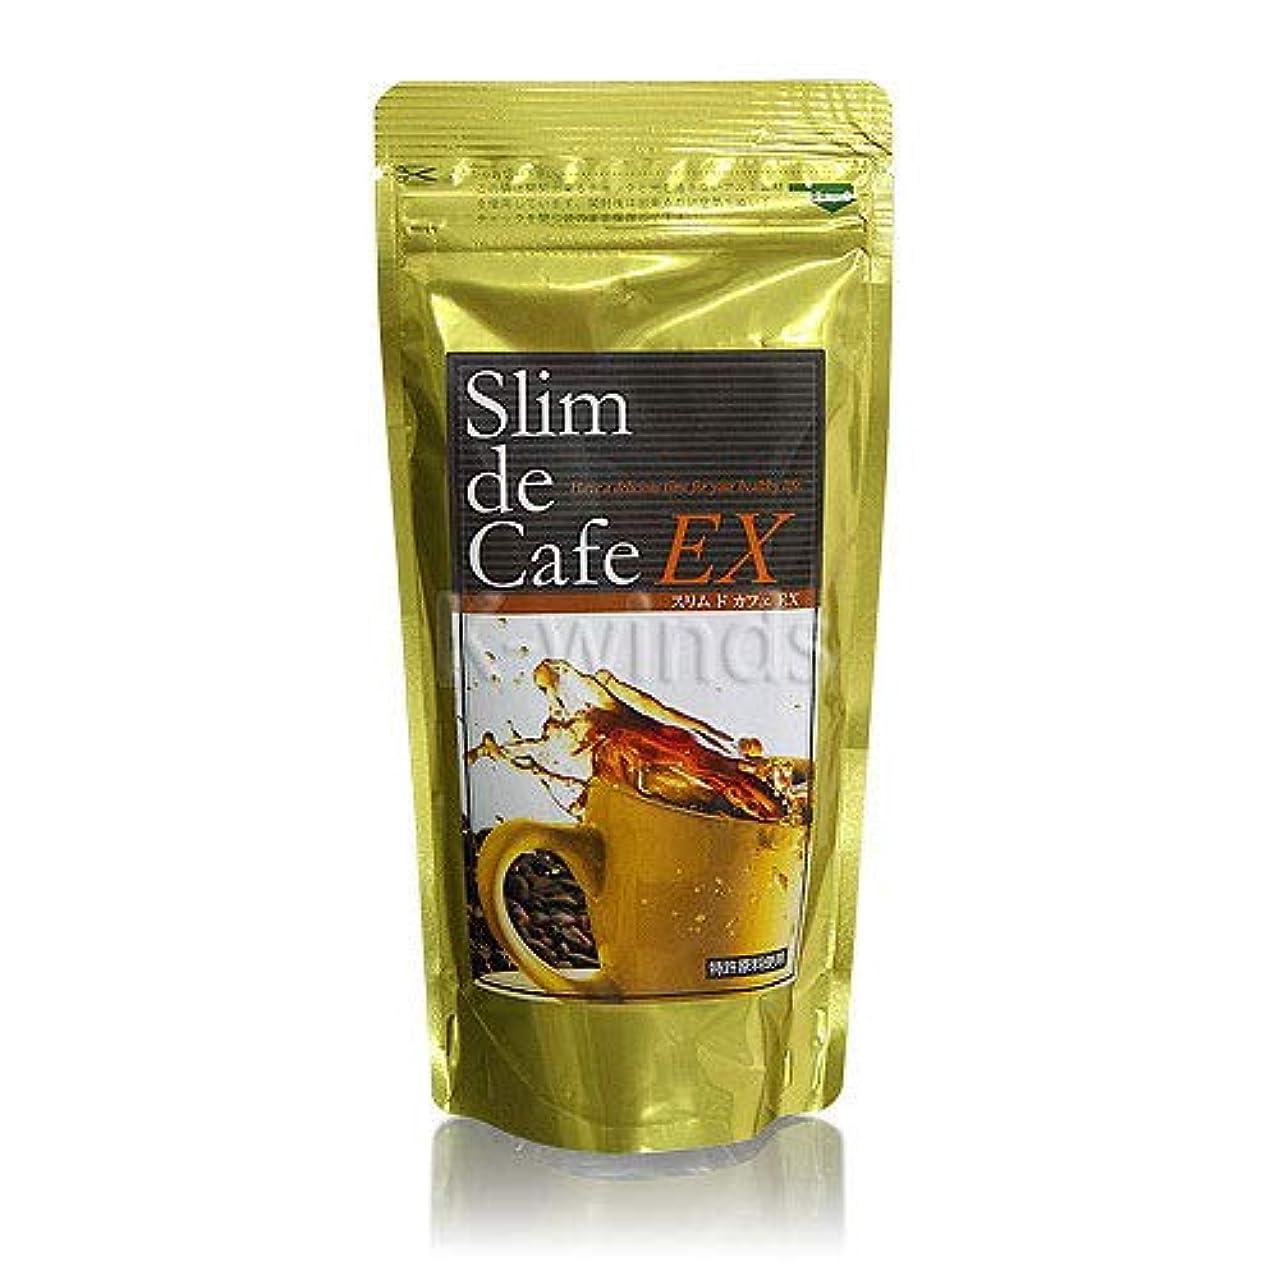 お風呂計算可能明らかスリムドカフェ EX (コーヒー粉末)100g 3袋セット